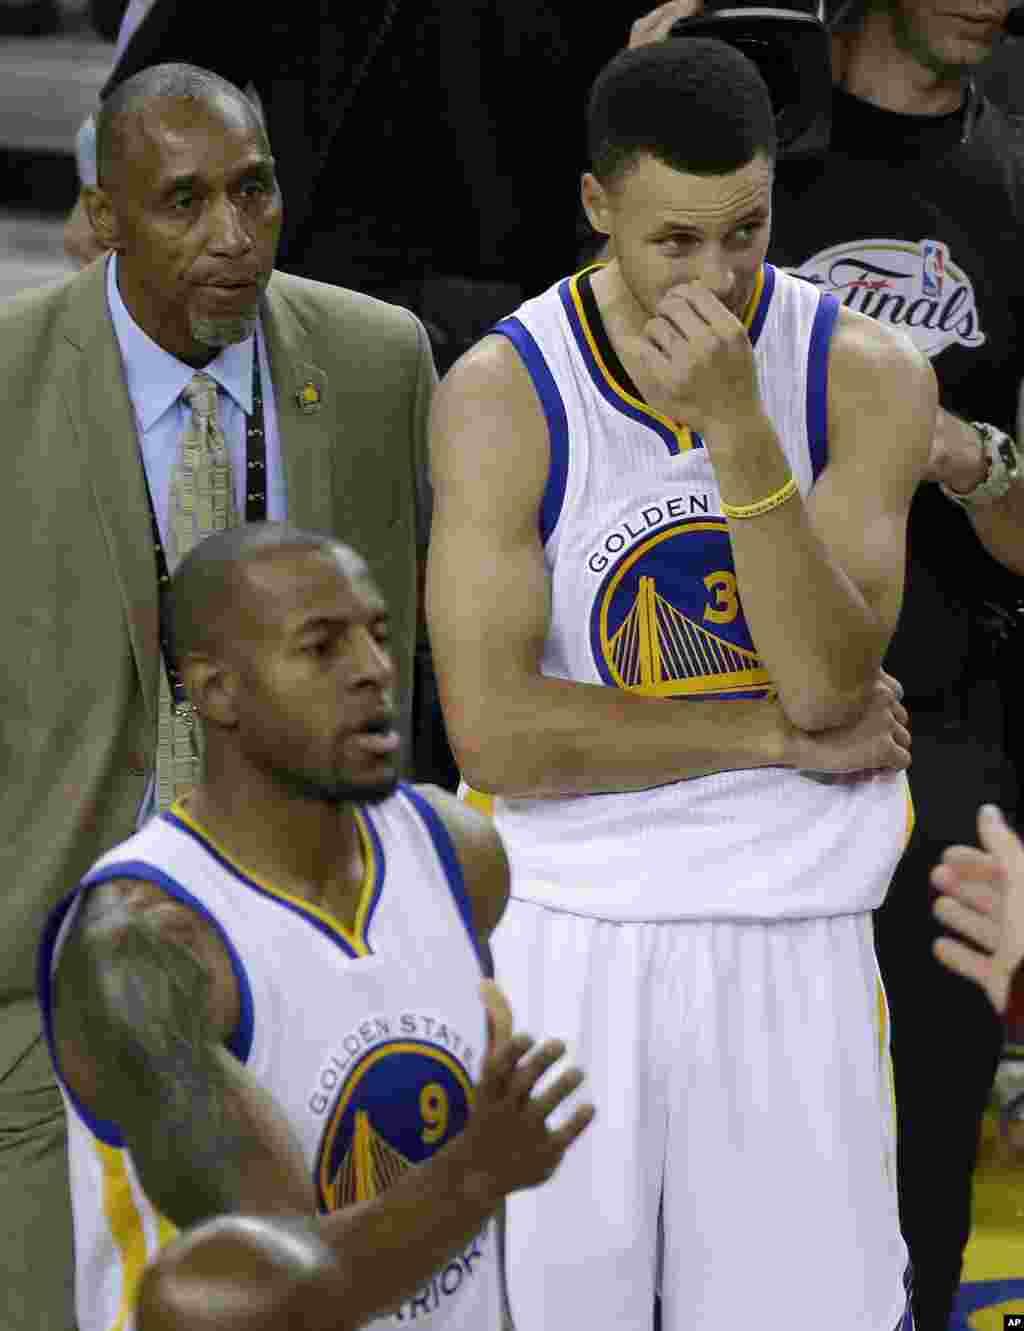 Les joueurs du Golden State Warriors Stephen Curry, et Andre Iguodala après avoir perdu le dernier match de la NBA en Californie.